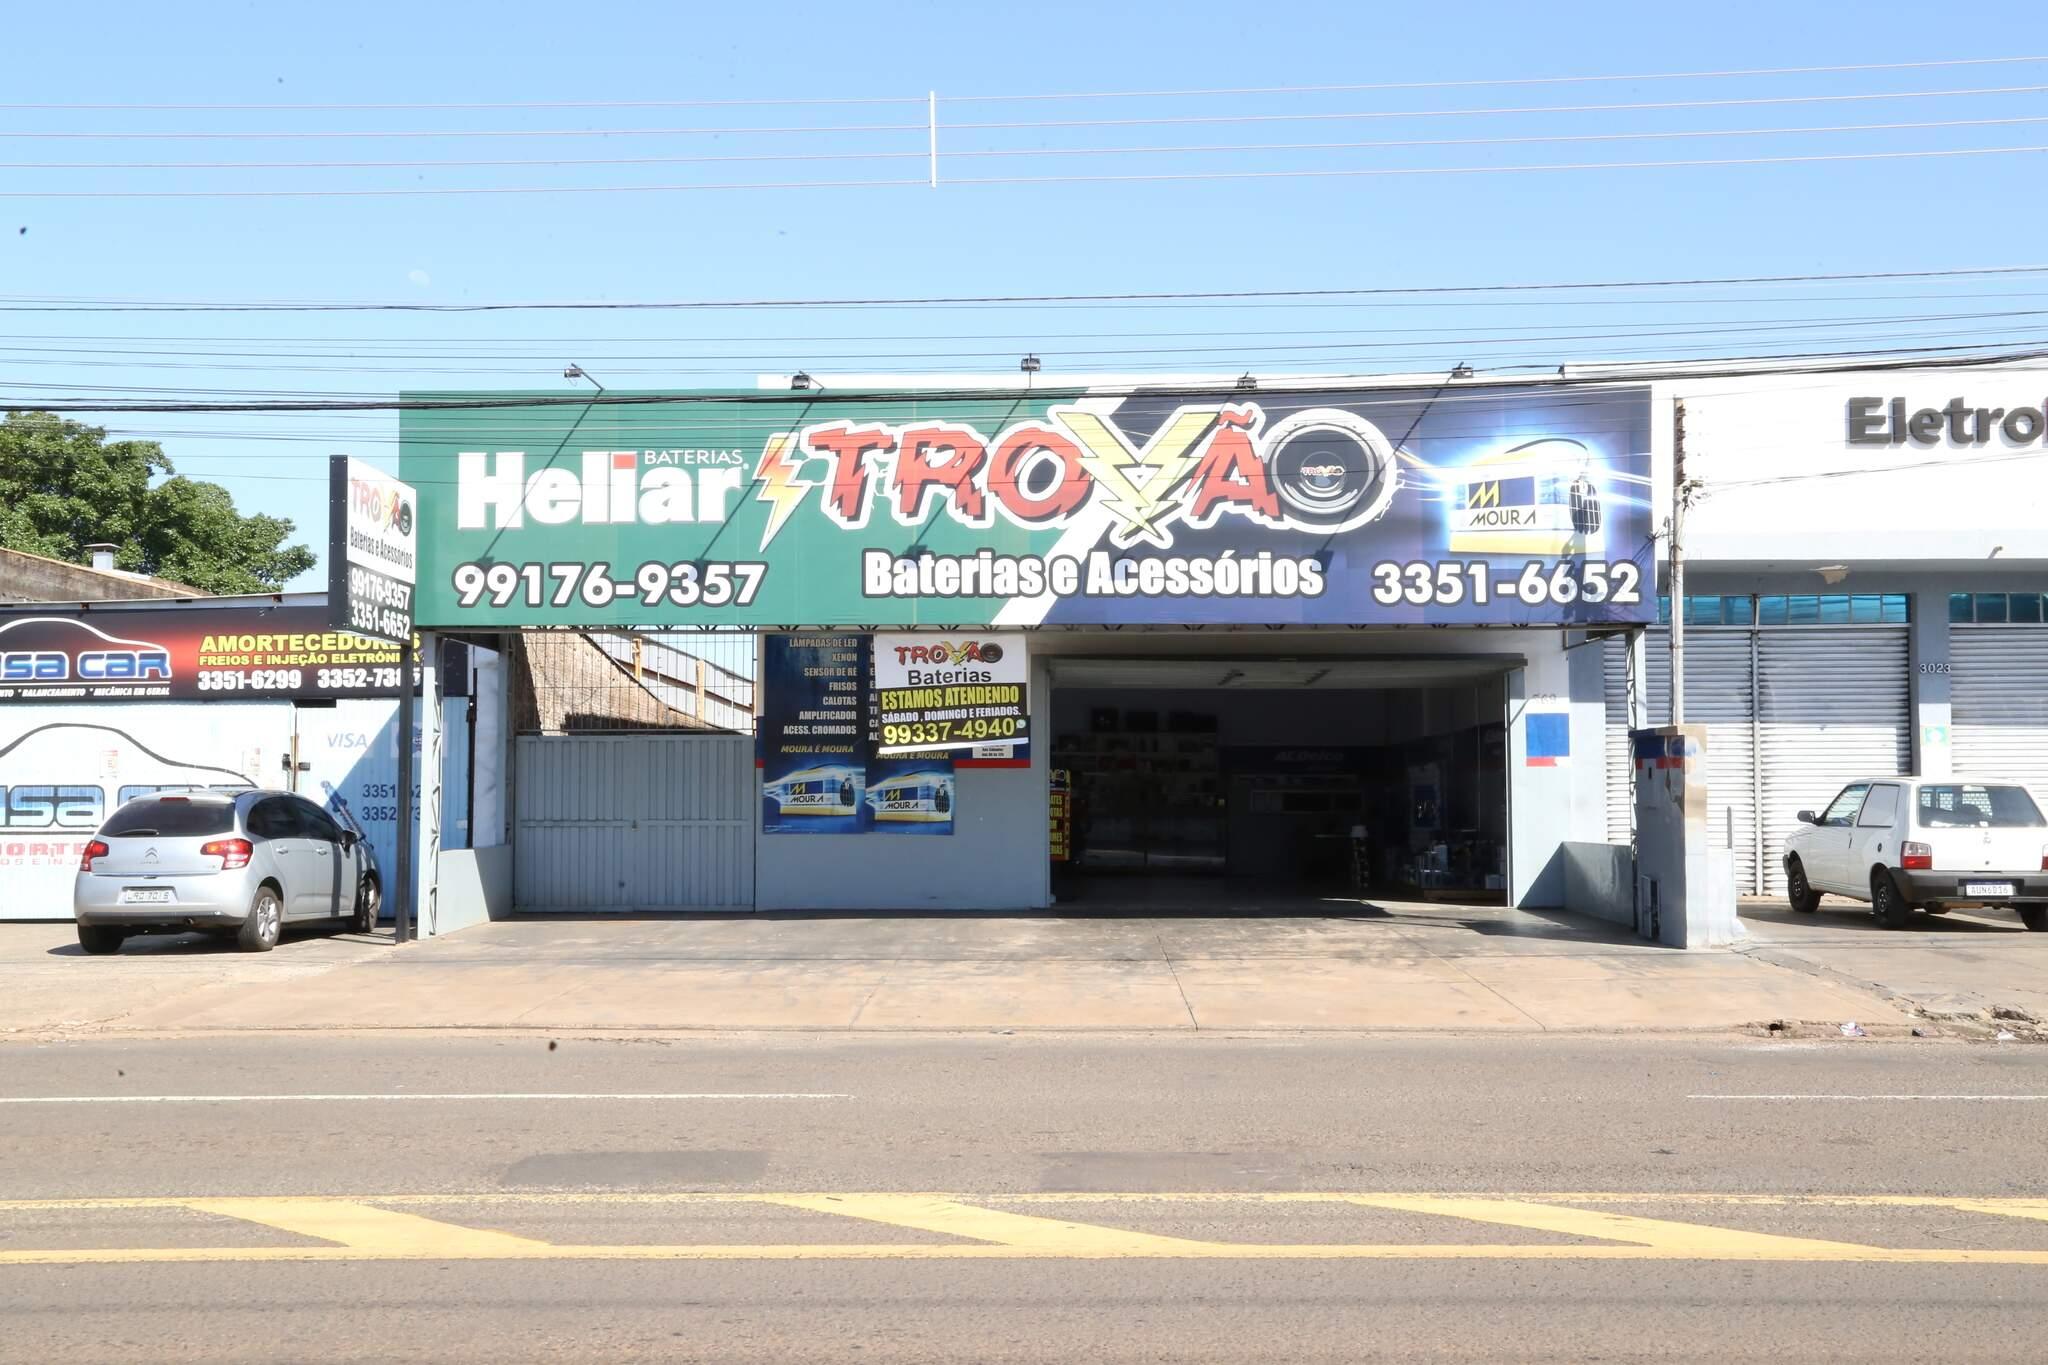 Trovão Baterias unidade 2, localizada na Rua São Borja, 369 (continuação da Rua Ceará), Bairro Coronel Antonino